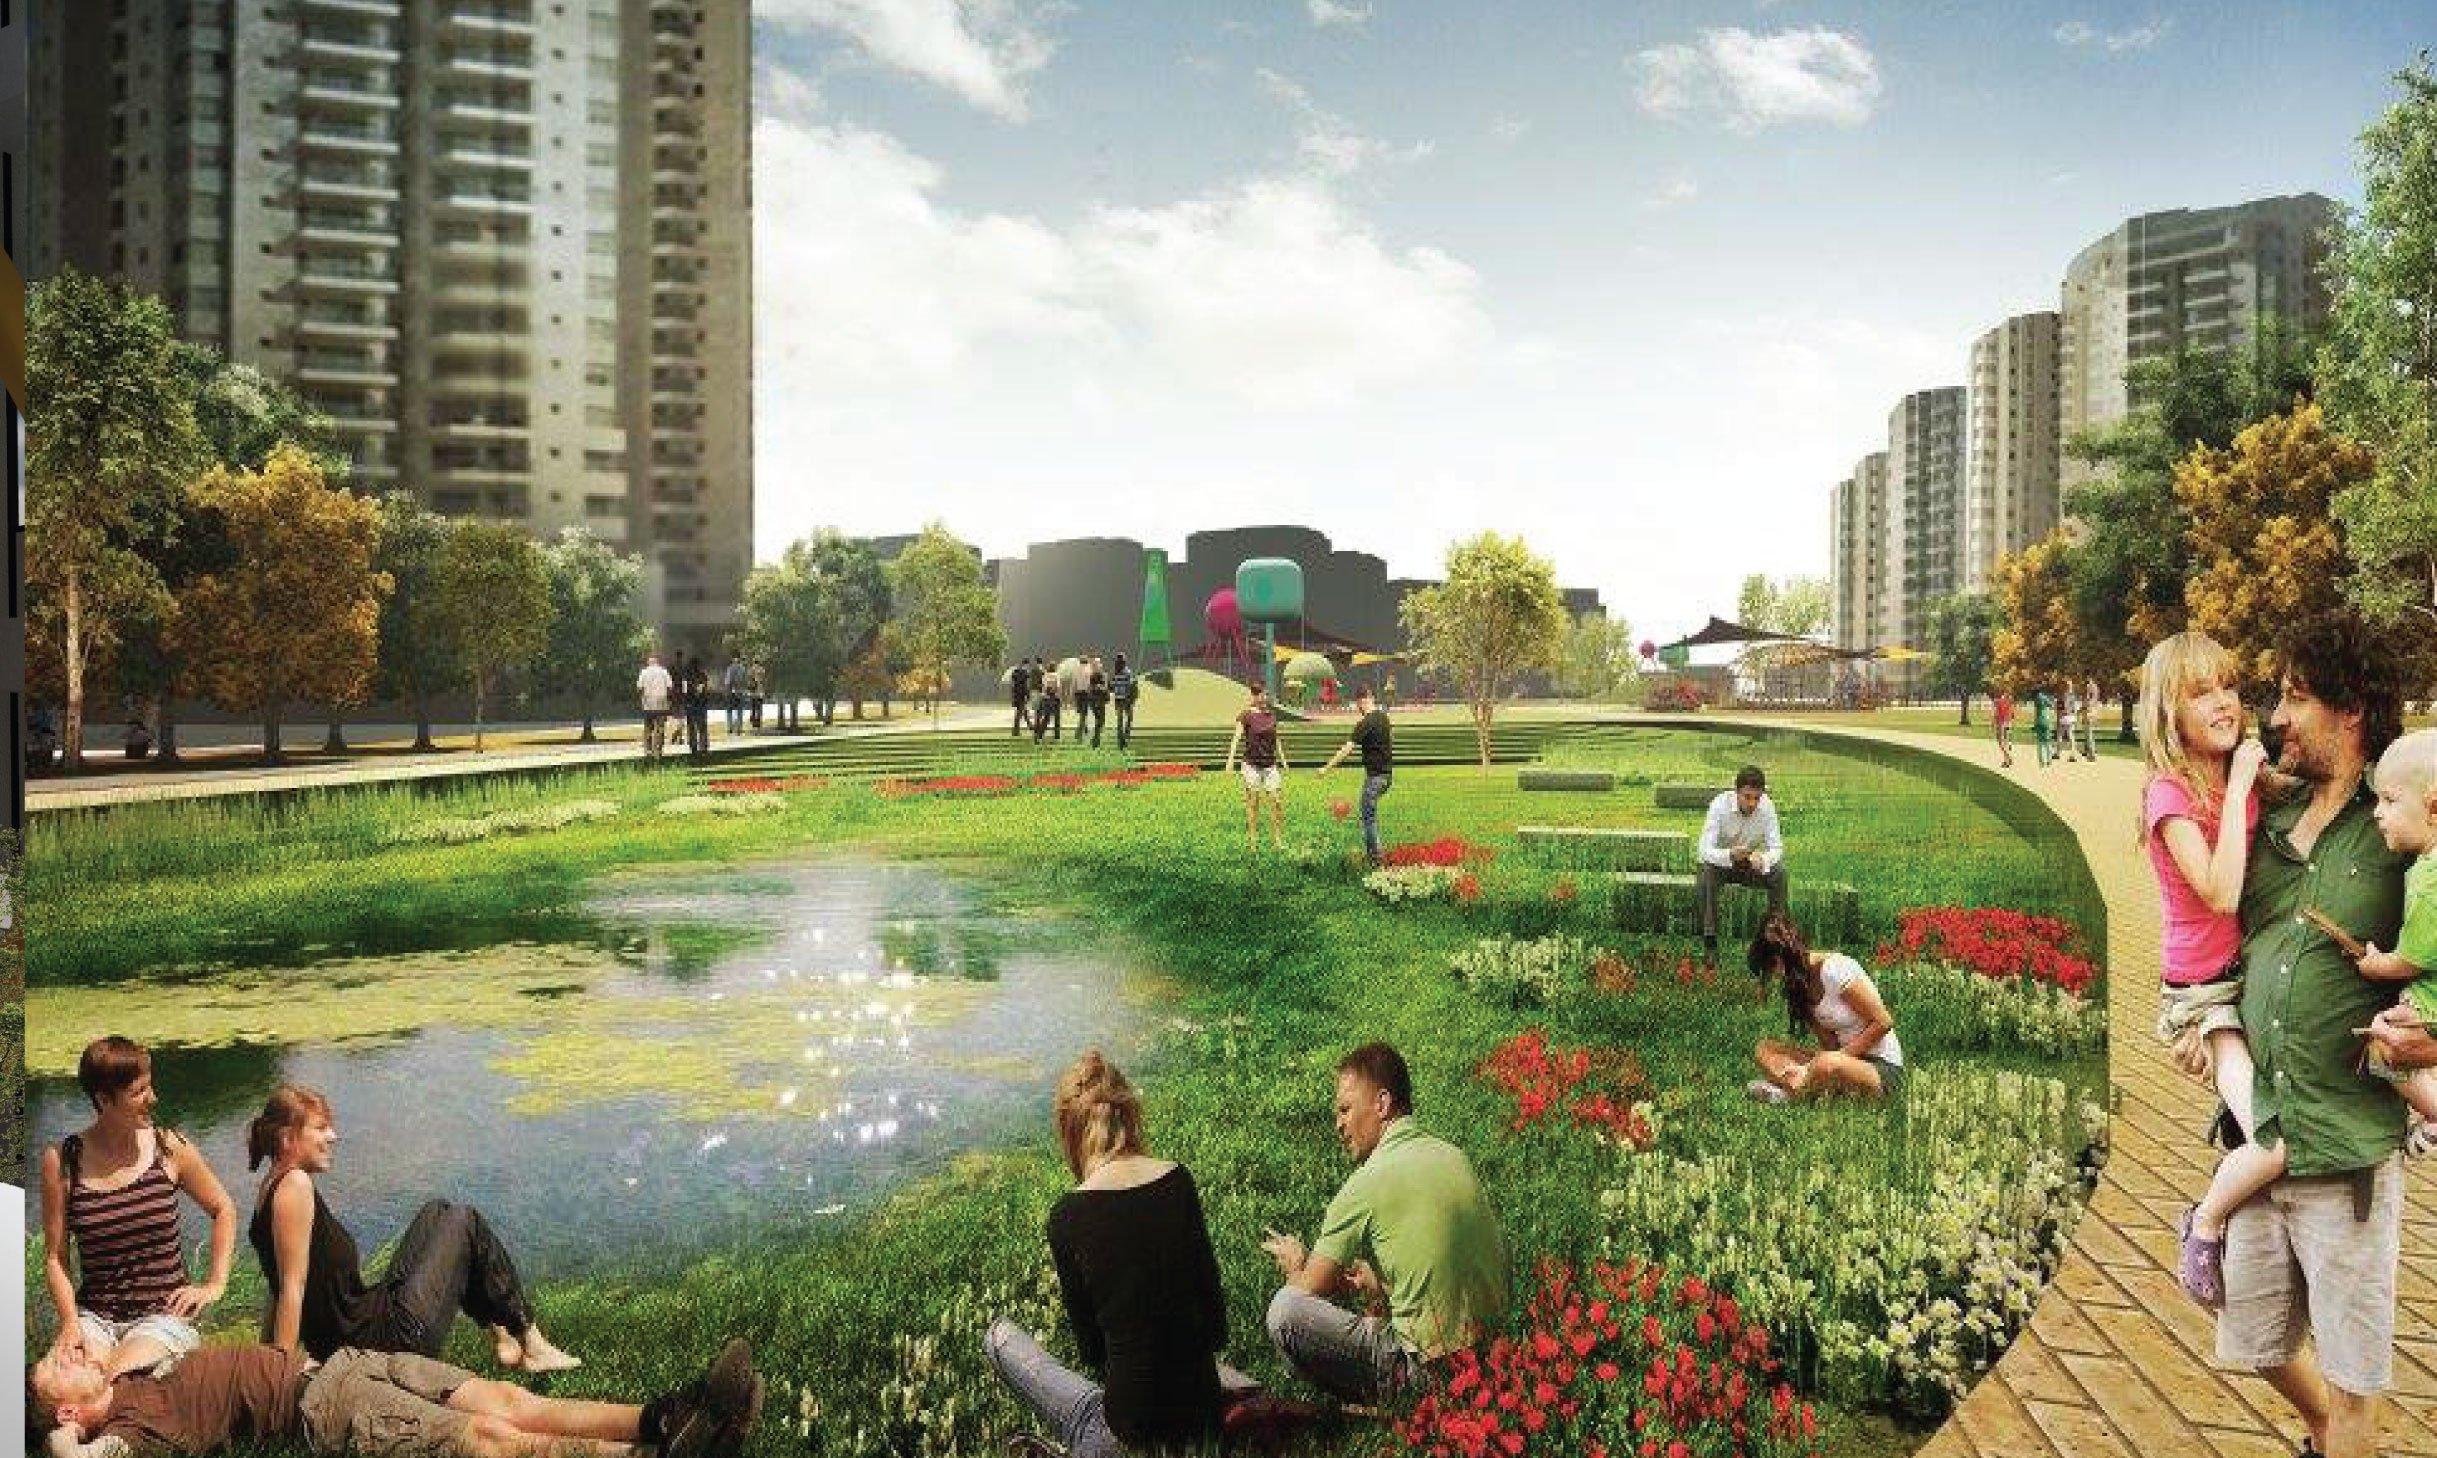 תכנון פארק בשכונת נווה גן, פתח תקווה